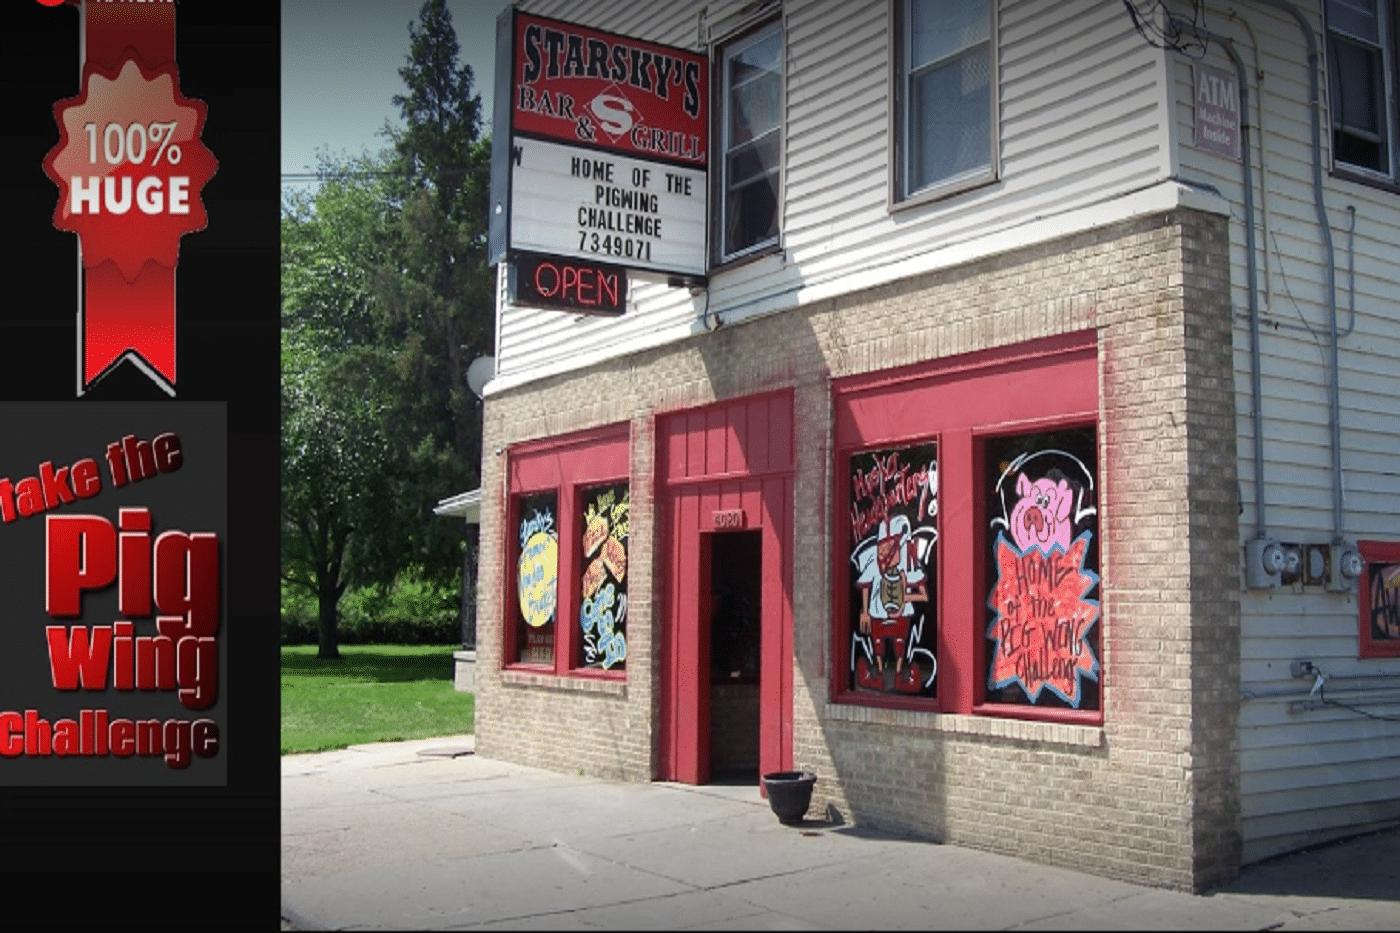 Starsky's Bar- Grill suspended for refilling liquor bottles